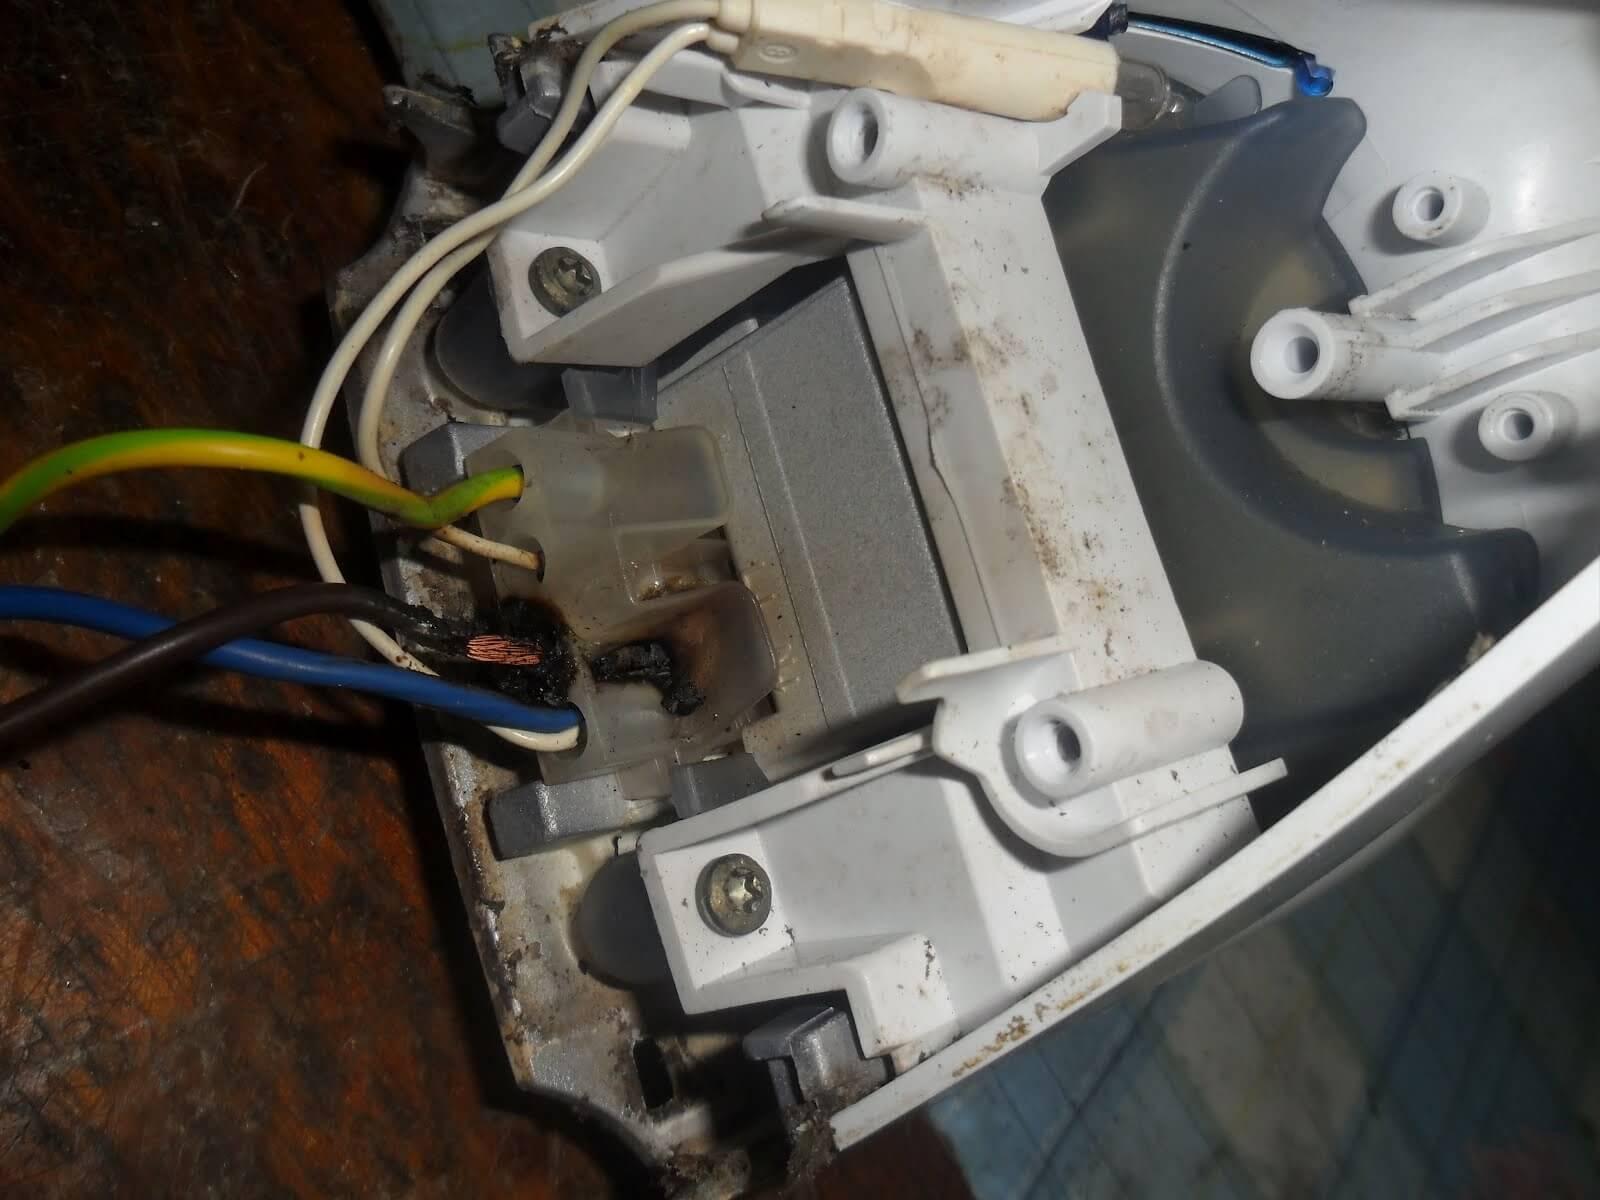 причина оплавления провода на утюге